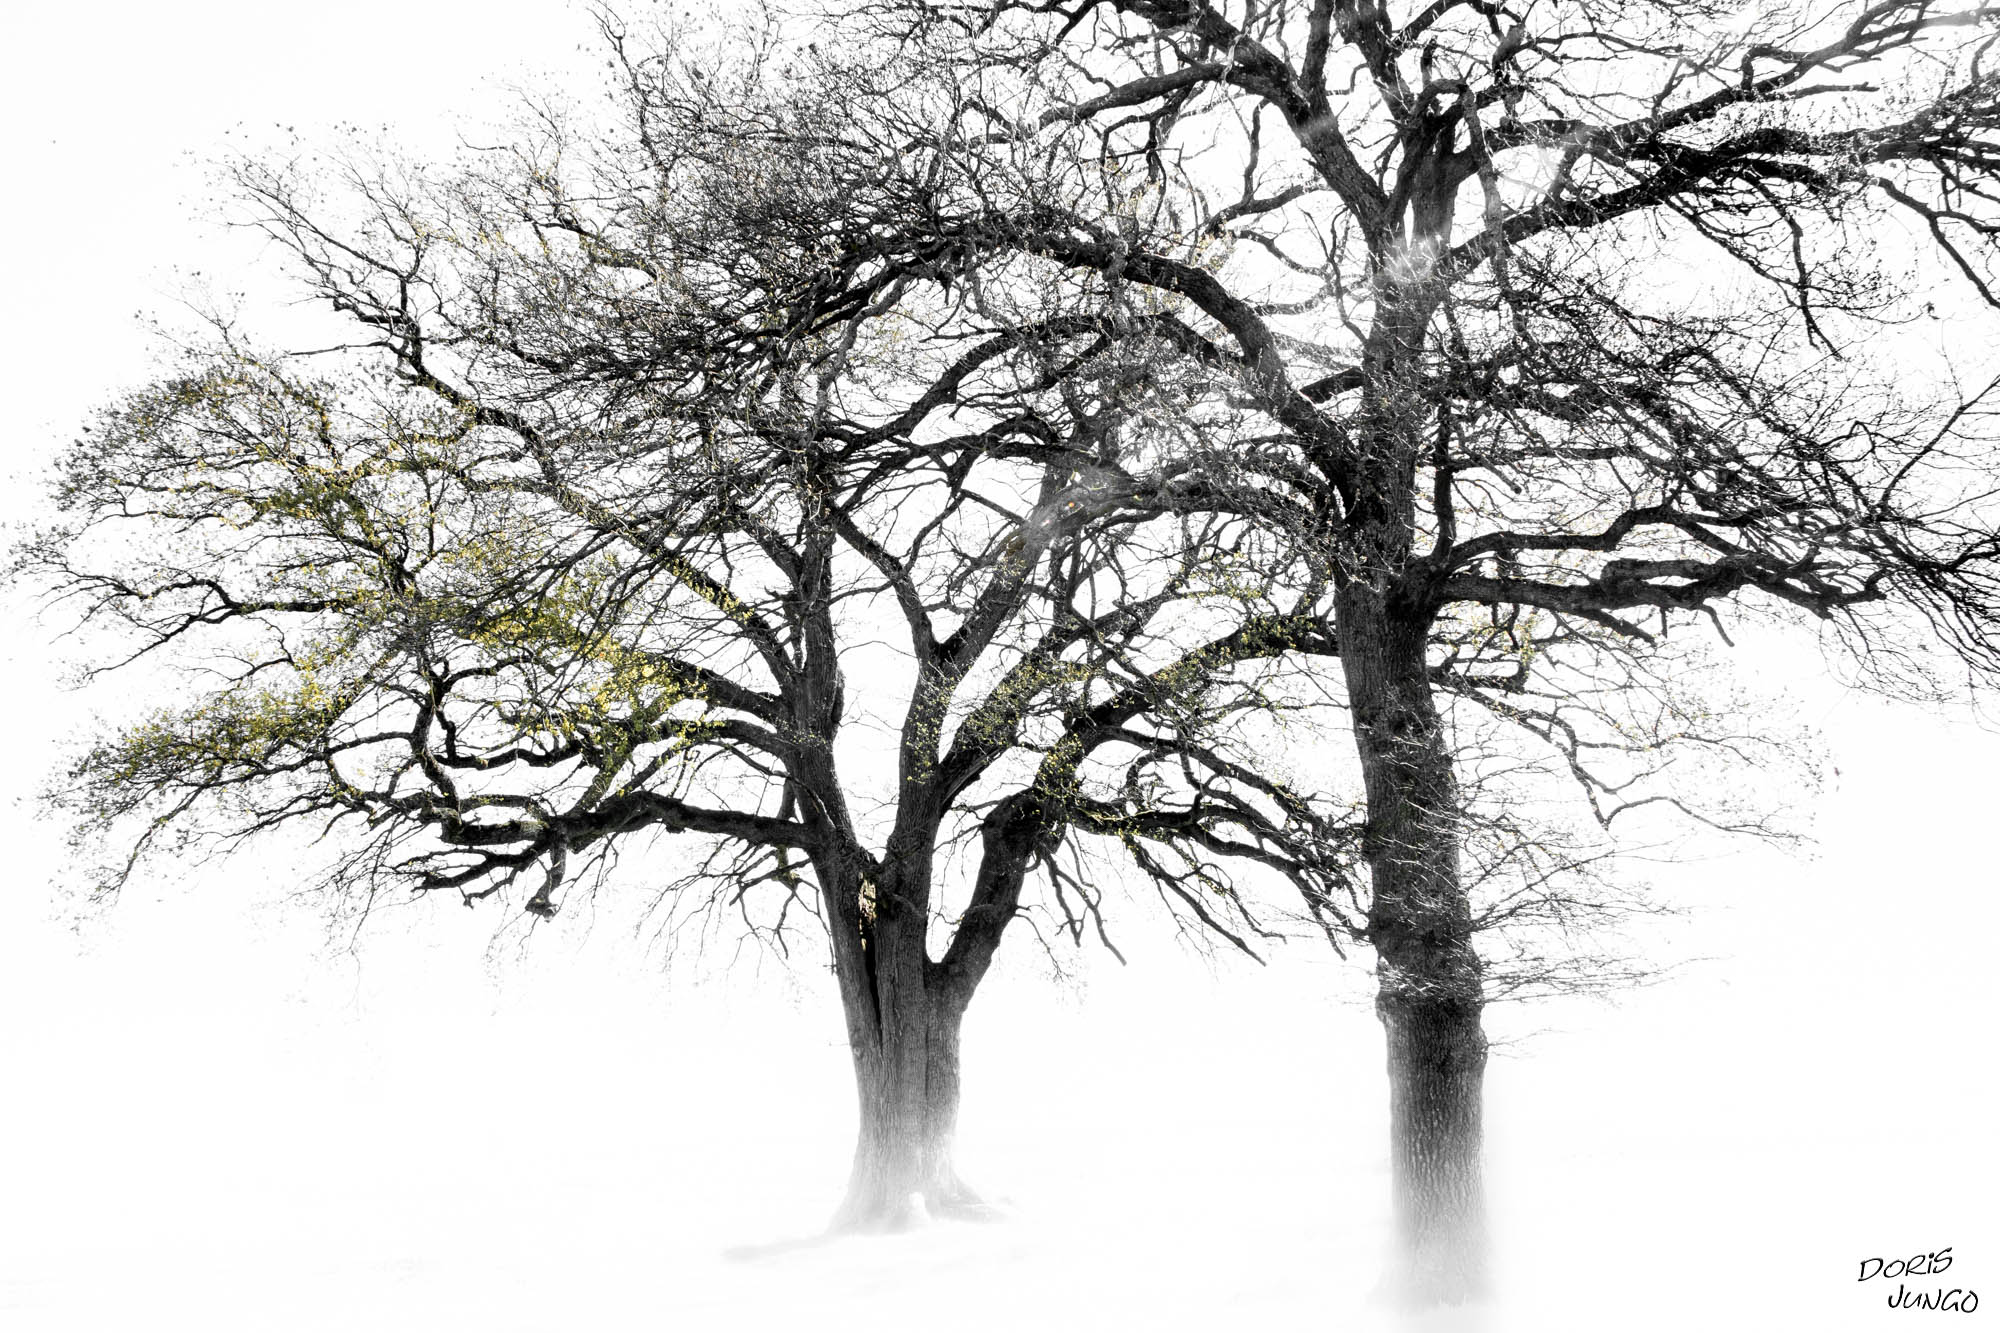 L'arbre aux feuilles jaunes